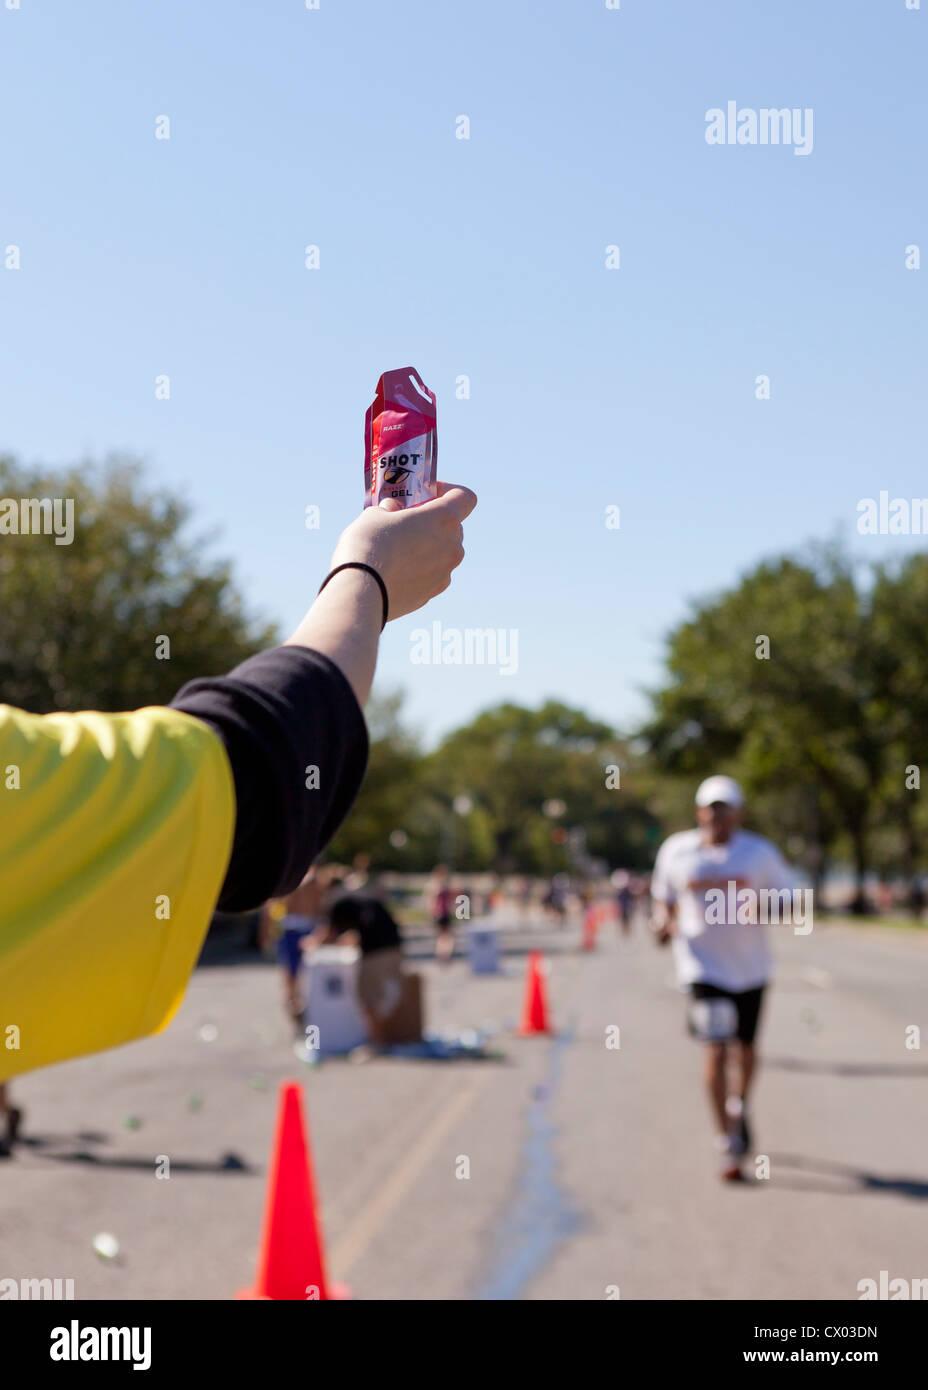 Un maratón ofreciendo voluntarios energy gel para runner - EE.UU. Imagen De Stock